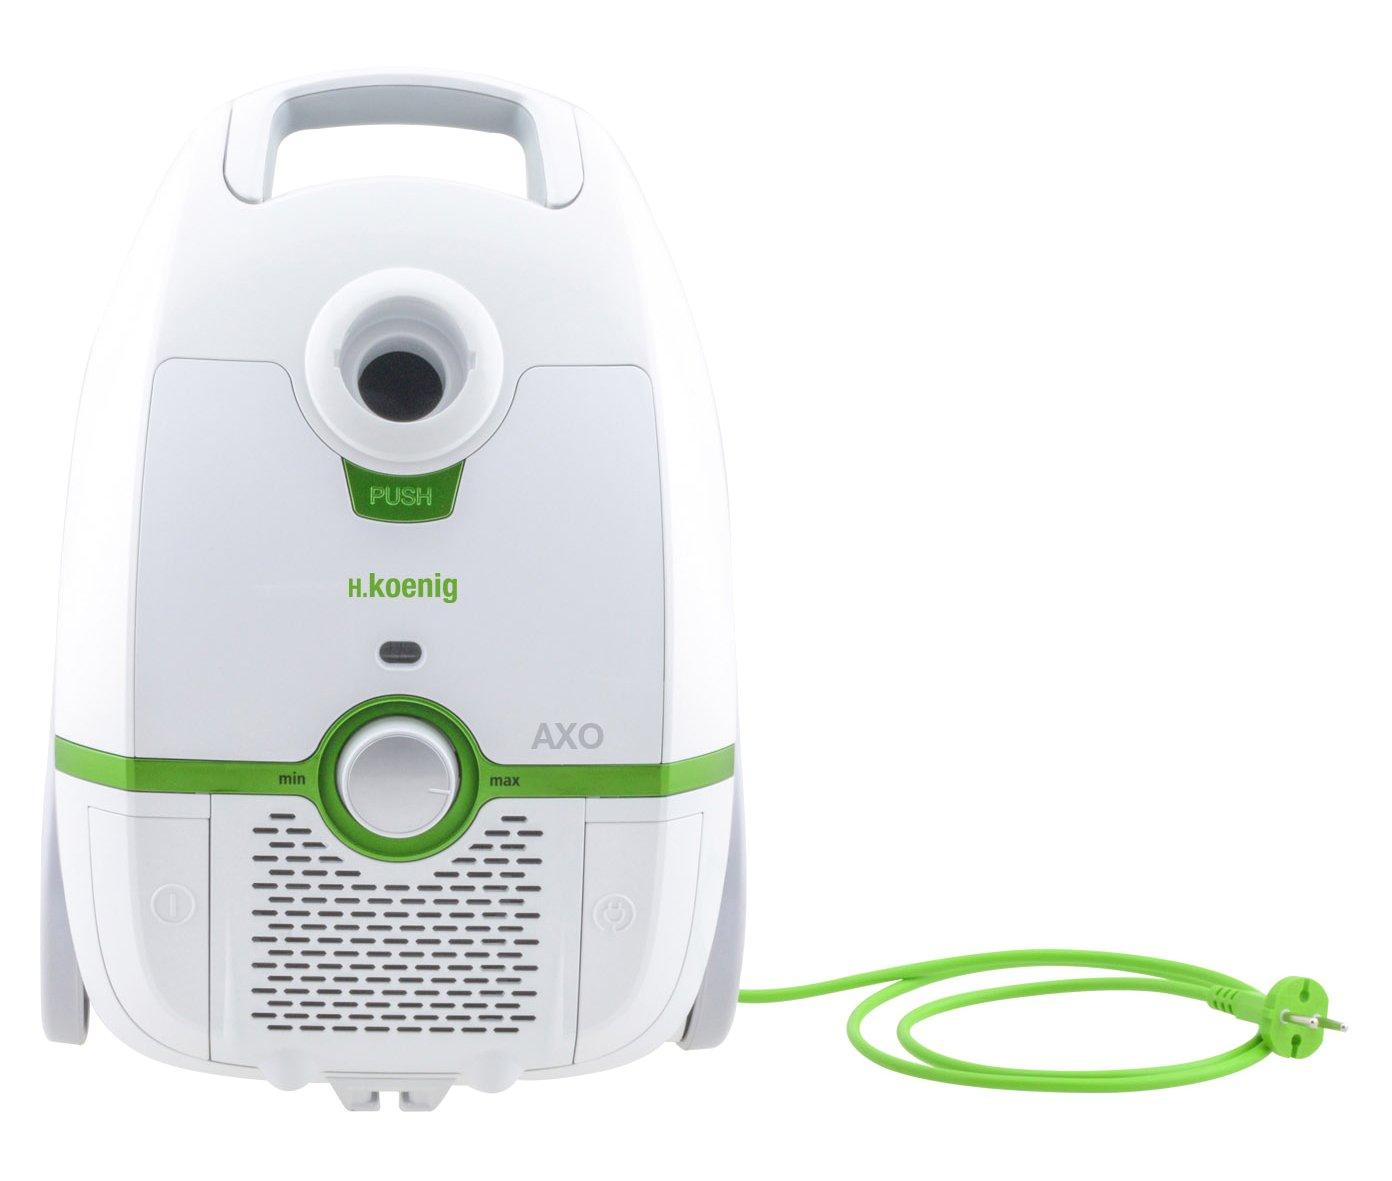 H.Koenig AXO700 Aspirateur avec sac traineau blanc 3L, classe énergétique AAA, filtre HEPA H12, Silencieux, Puissant, Efficace, Compact, brosse poussière et suceur plat inclus, tapis et sols durs